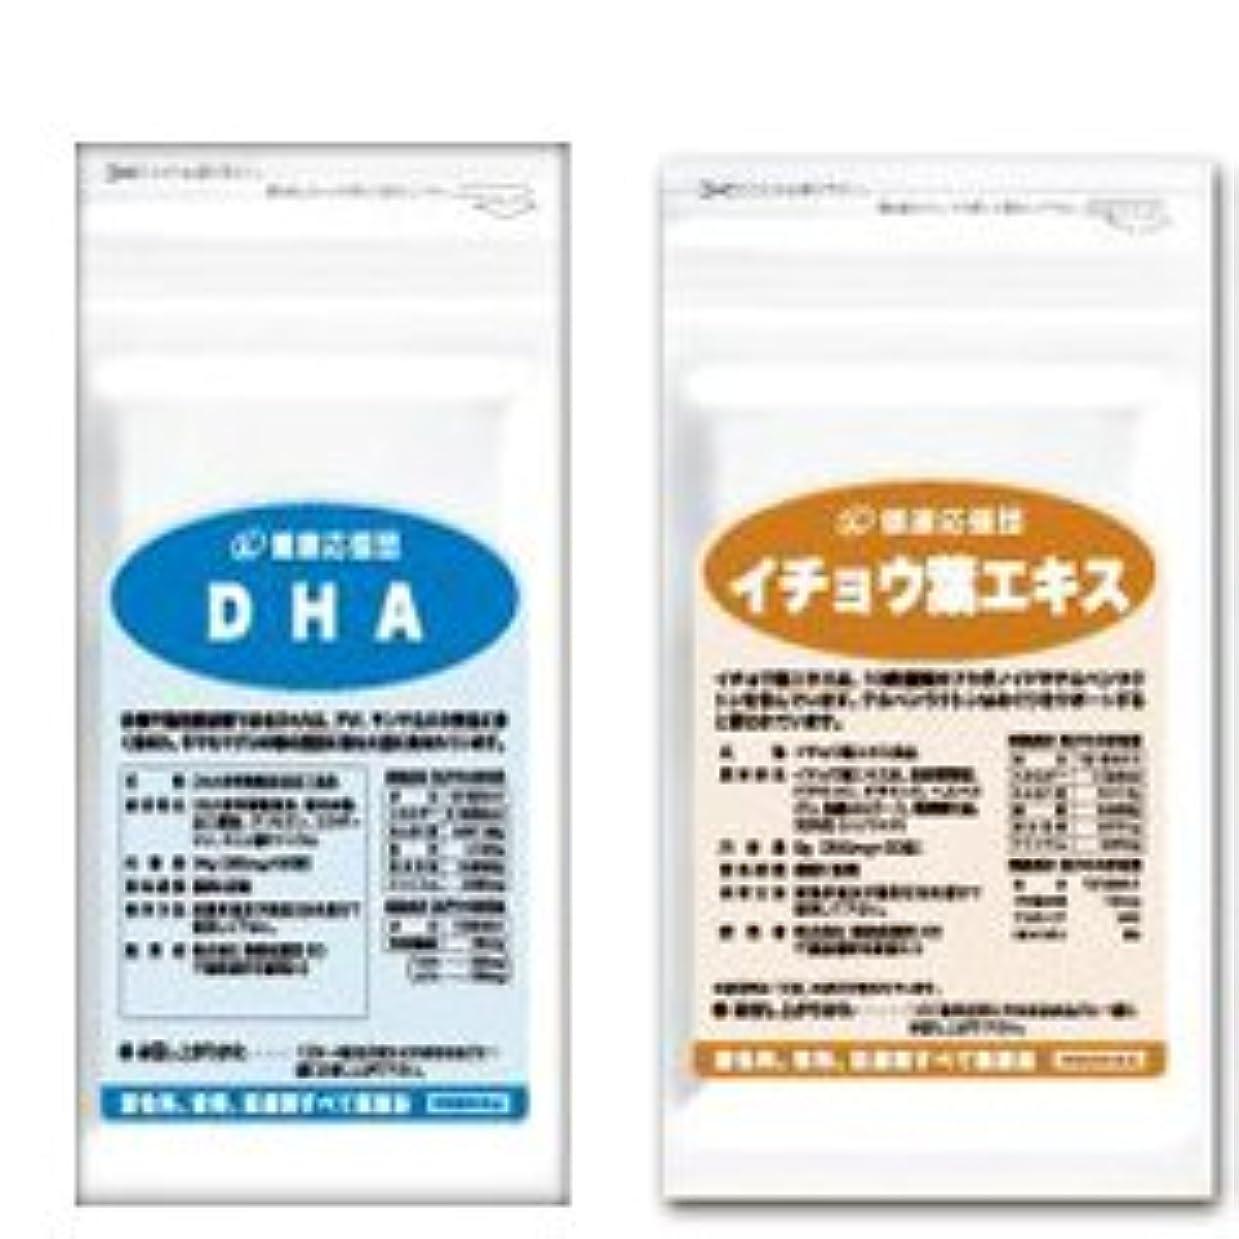 同化するアテンダントさわやか(お徳用3か月分)サラサラ巡りセット DHA + イチョウ葉エキス 3袋&3袋セット(DHA?EPA?イチョウ葉?ビタミンC?ビタミンE?ビタミンP配合)